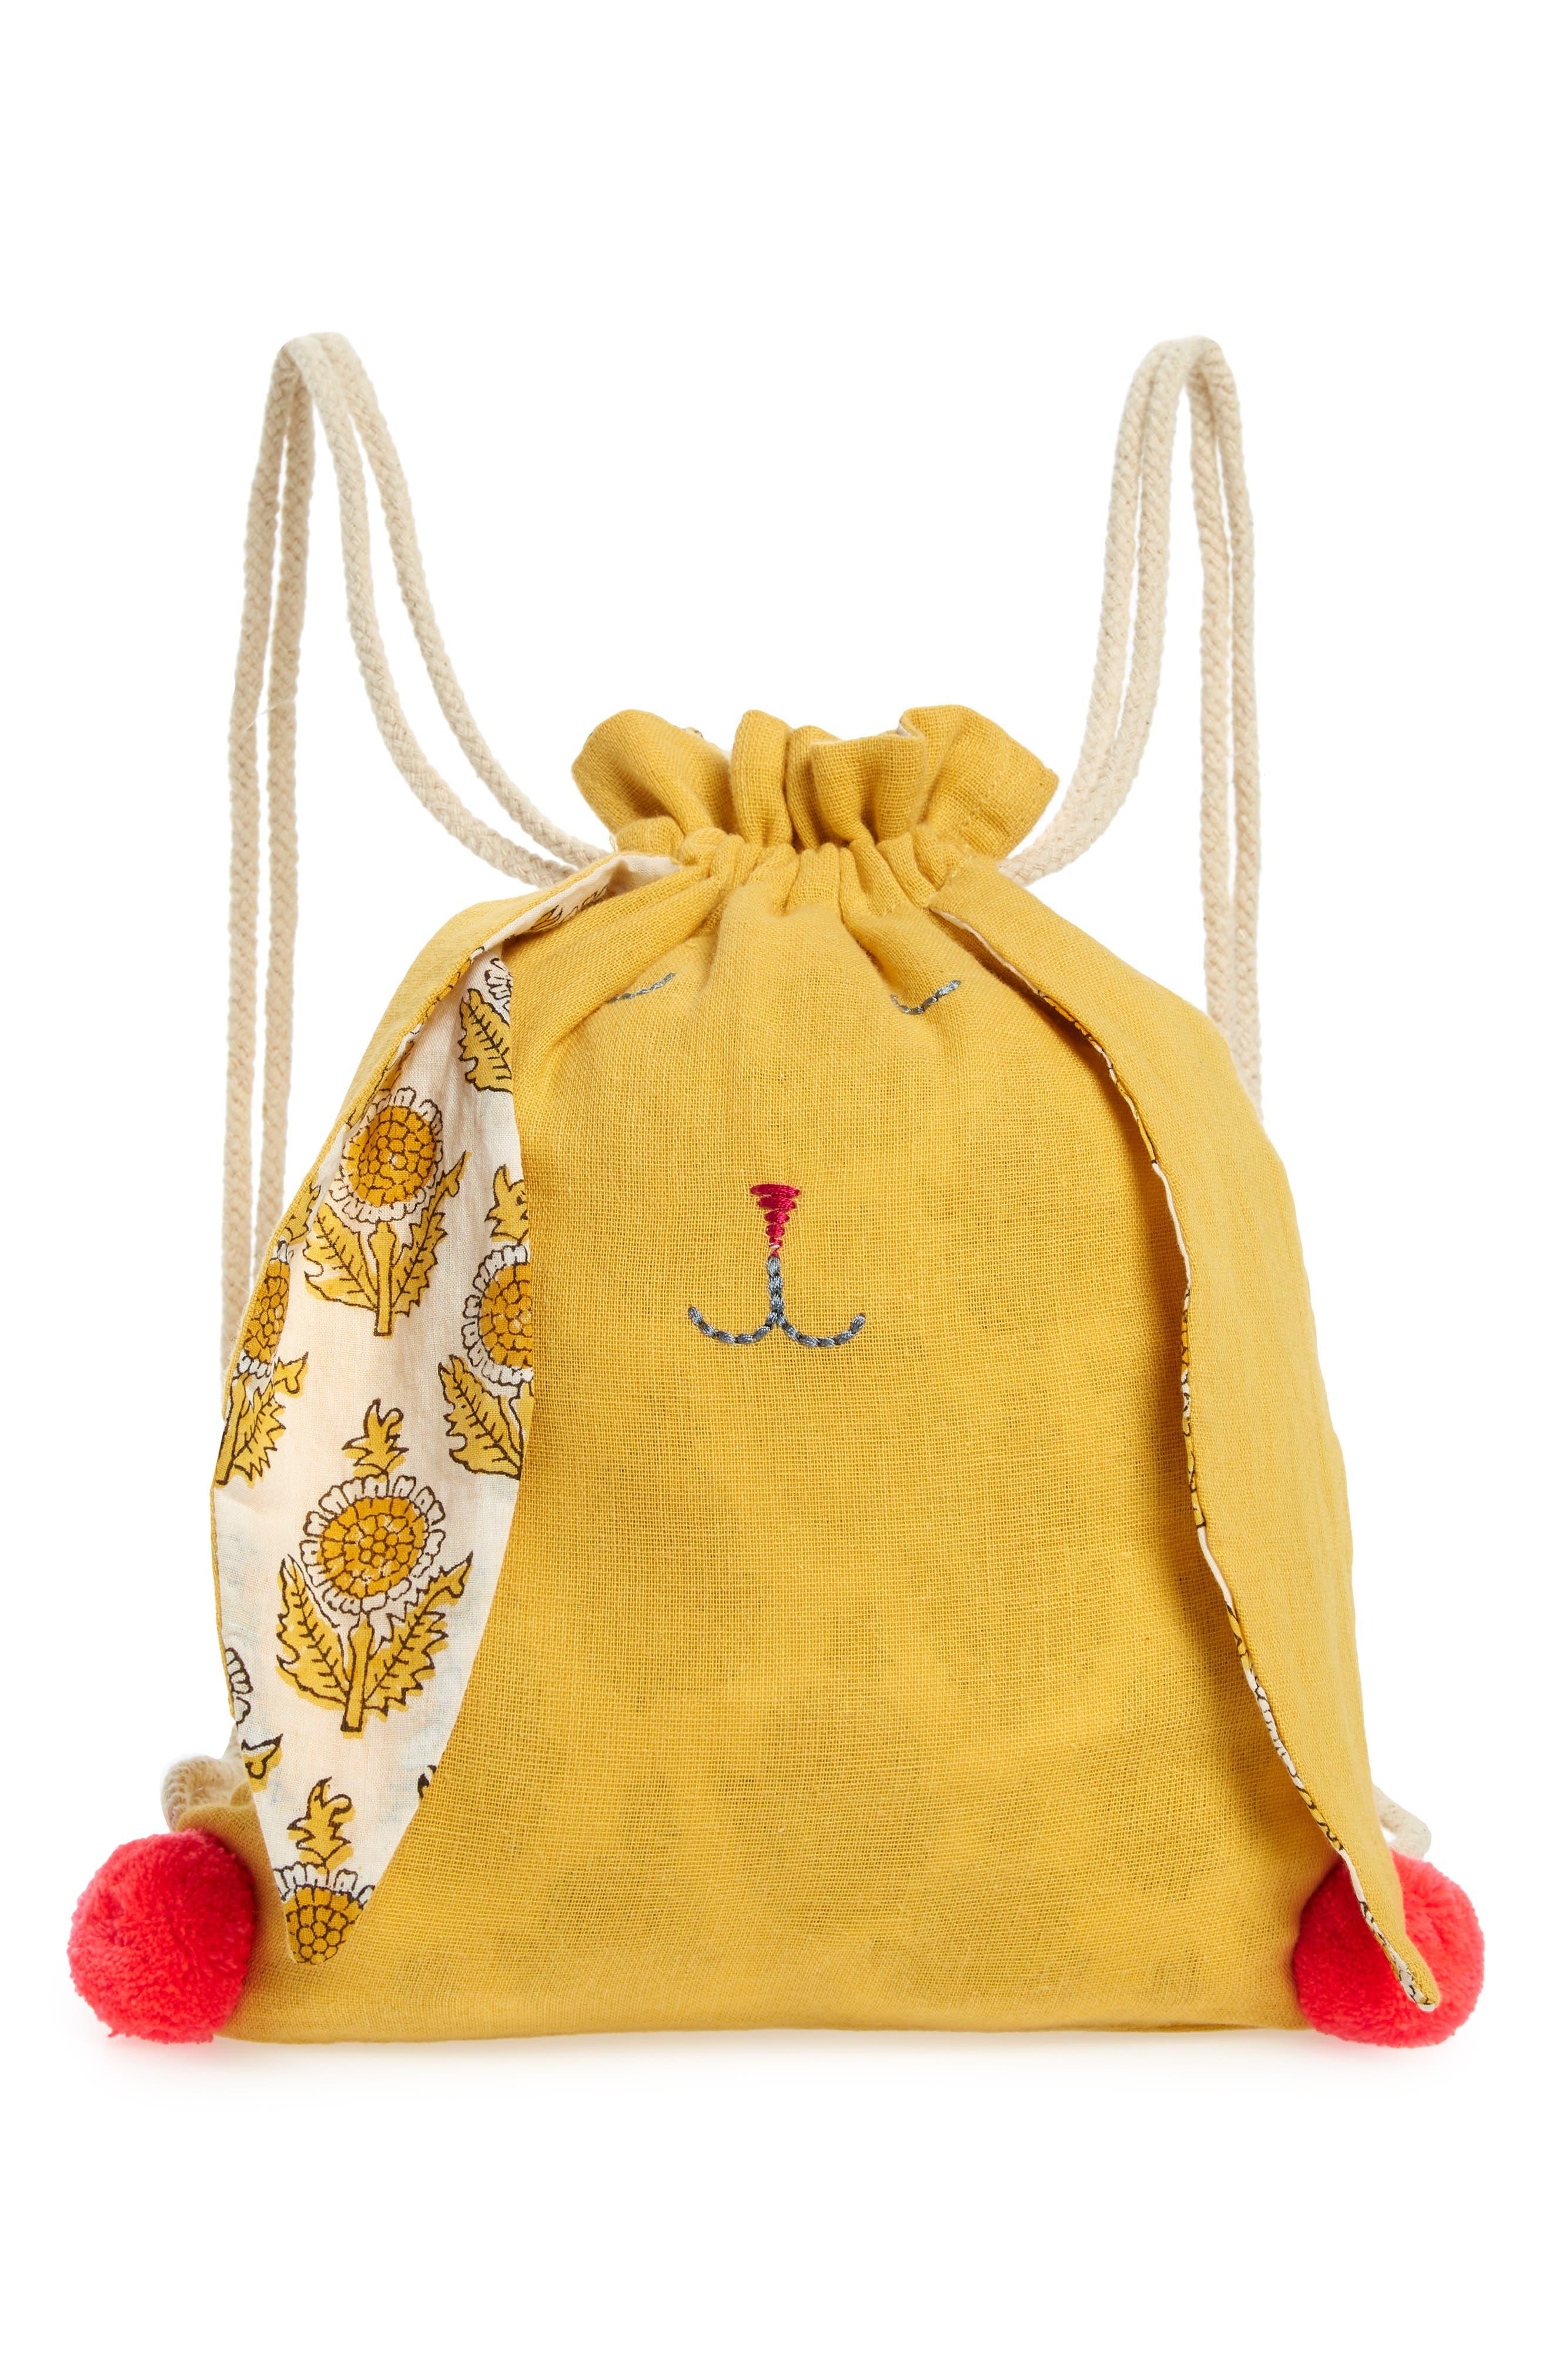 Girls Lali Bunny Sleepy Bunny Backpack  Yellow